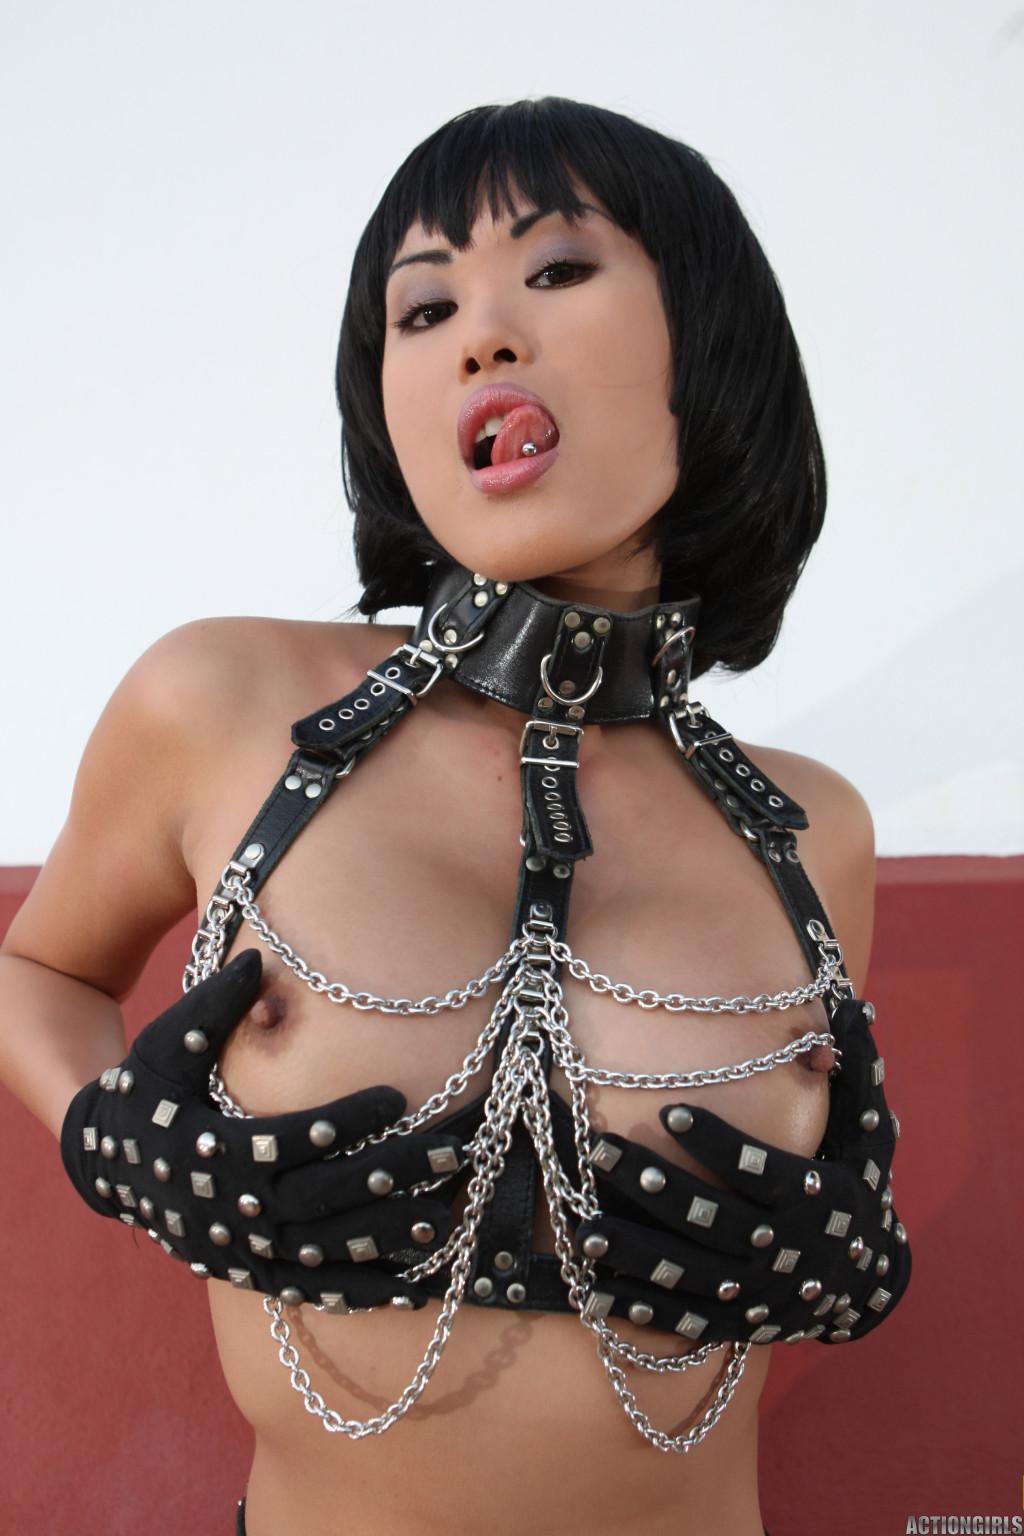 Азиатка в цепях оголит свою пизду, она сделает шикарные кадры, где видные ее розовые соски